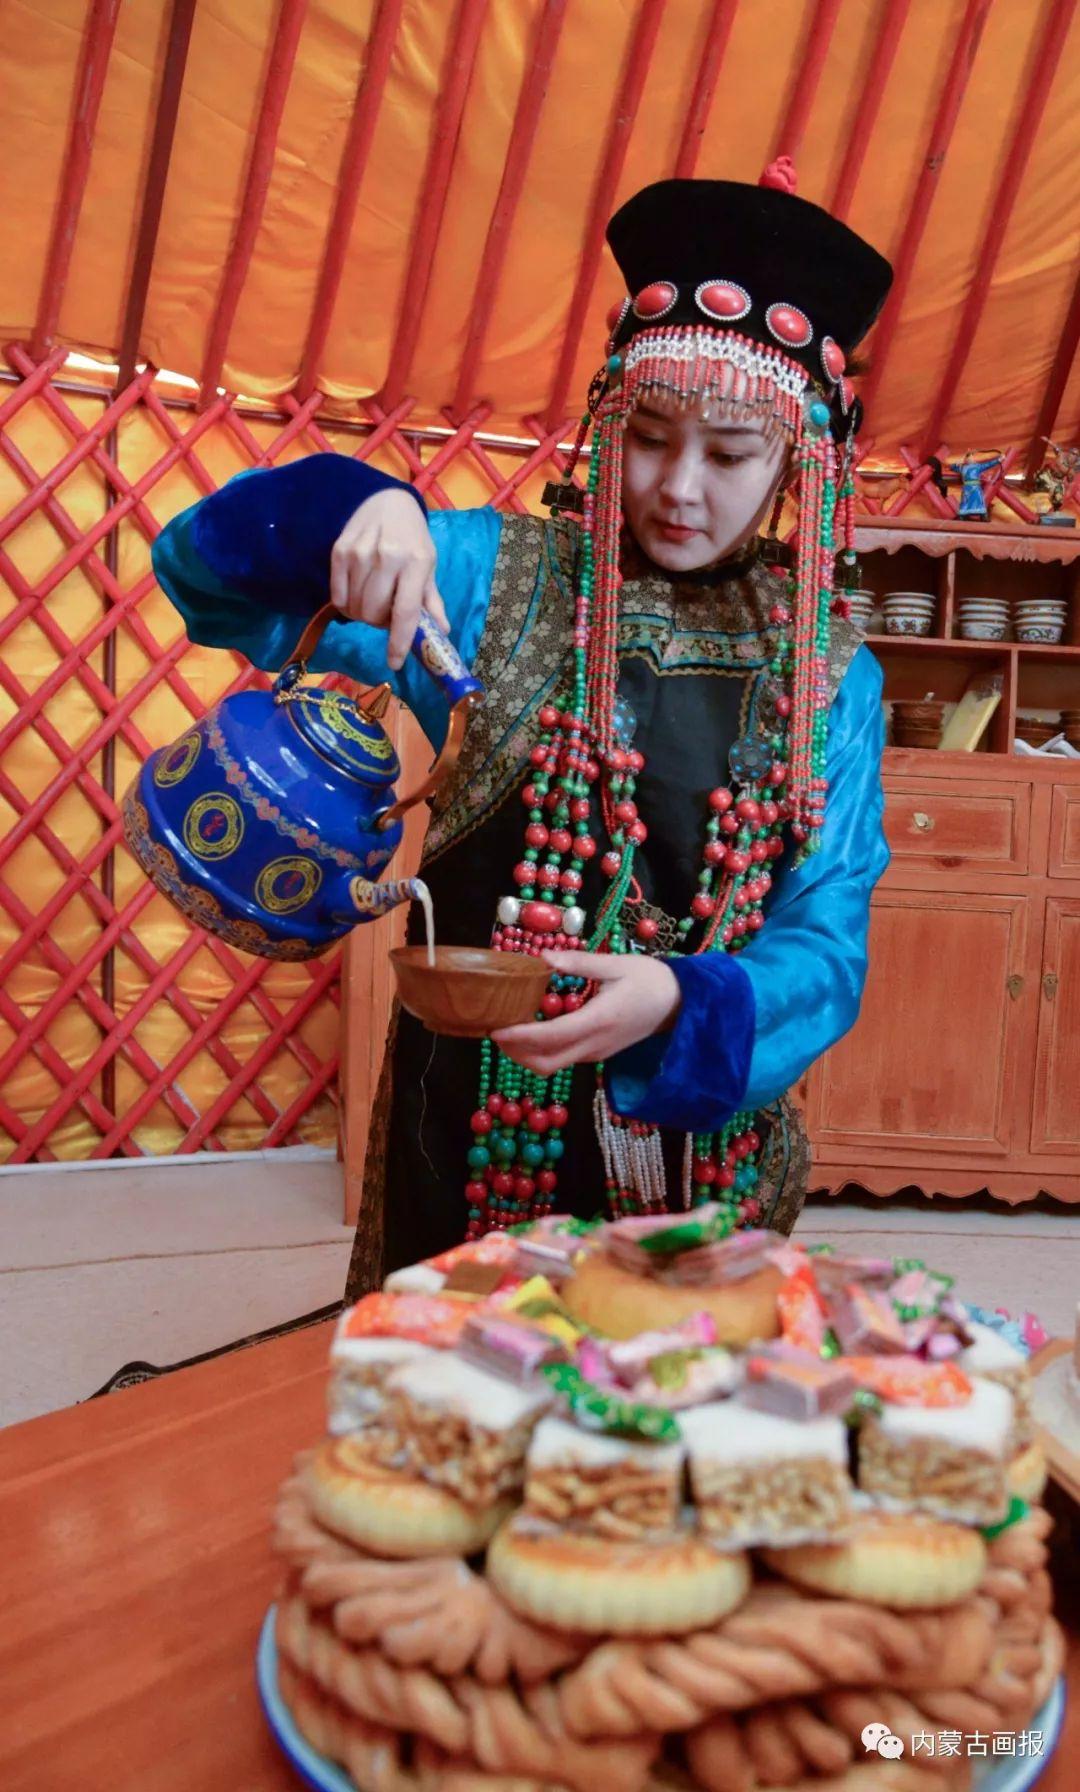 服饰之首——蒙古族冠帽 第19张 服饰之首——蒙古族冠帽 蒙古服饰